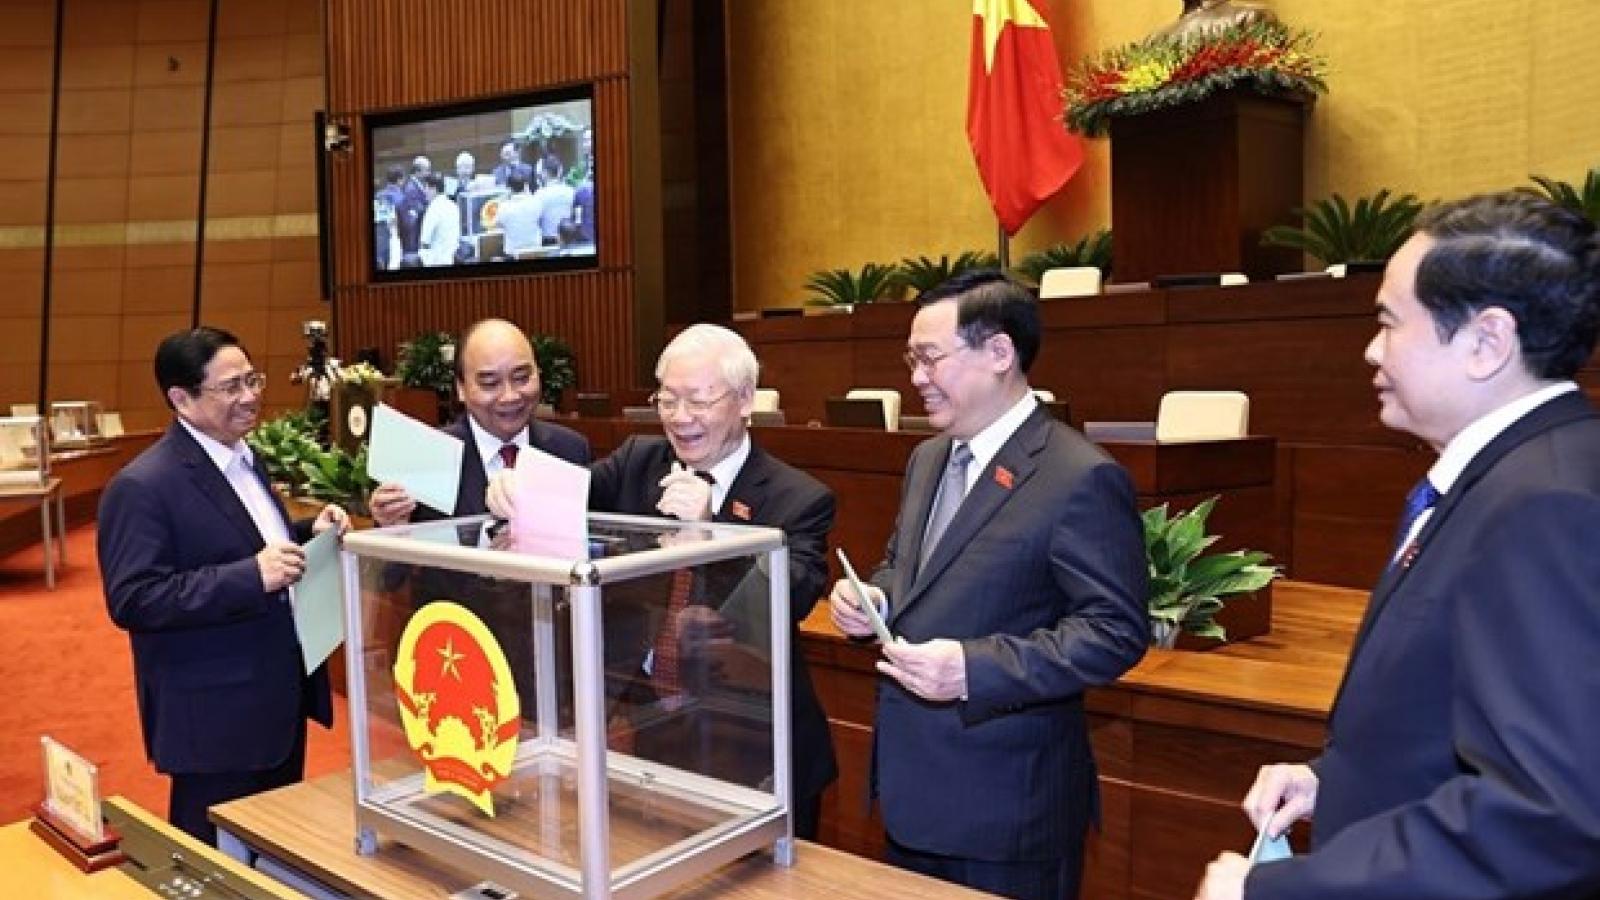 Quan hệ Việt Nam- Czech sẽ có những bước tiến mới sau khi Việt Nam có ban lãnh đạo mới